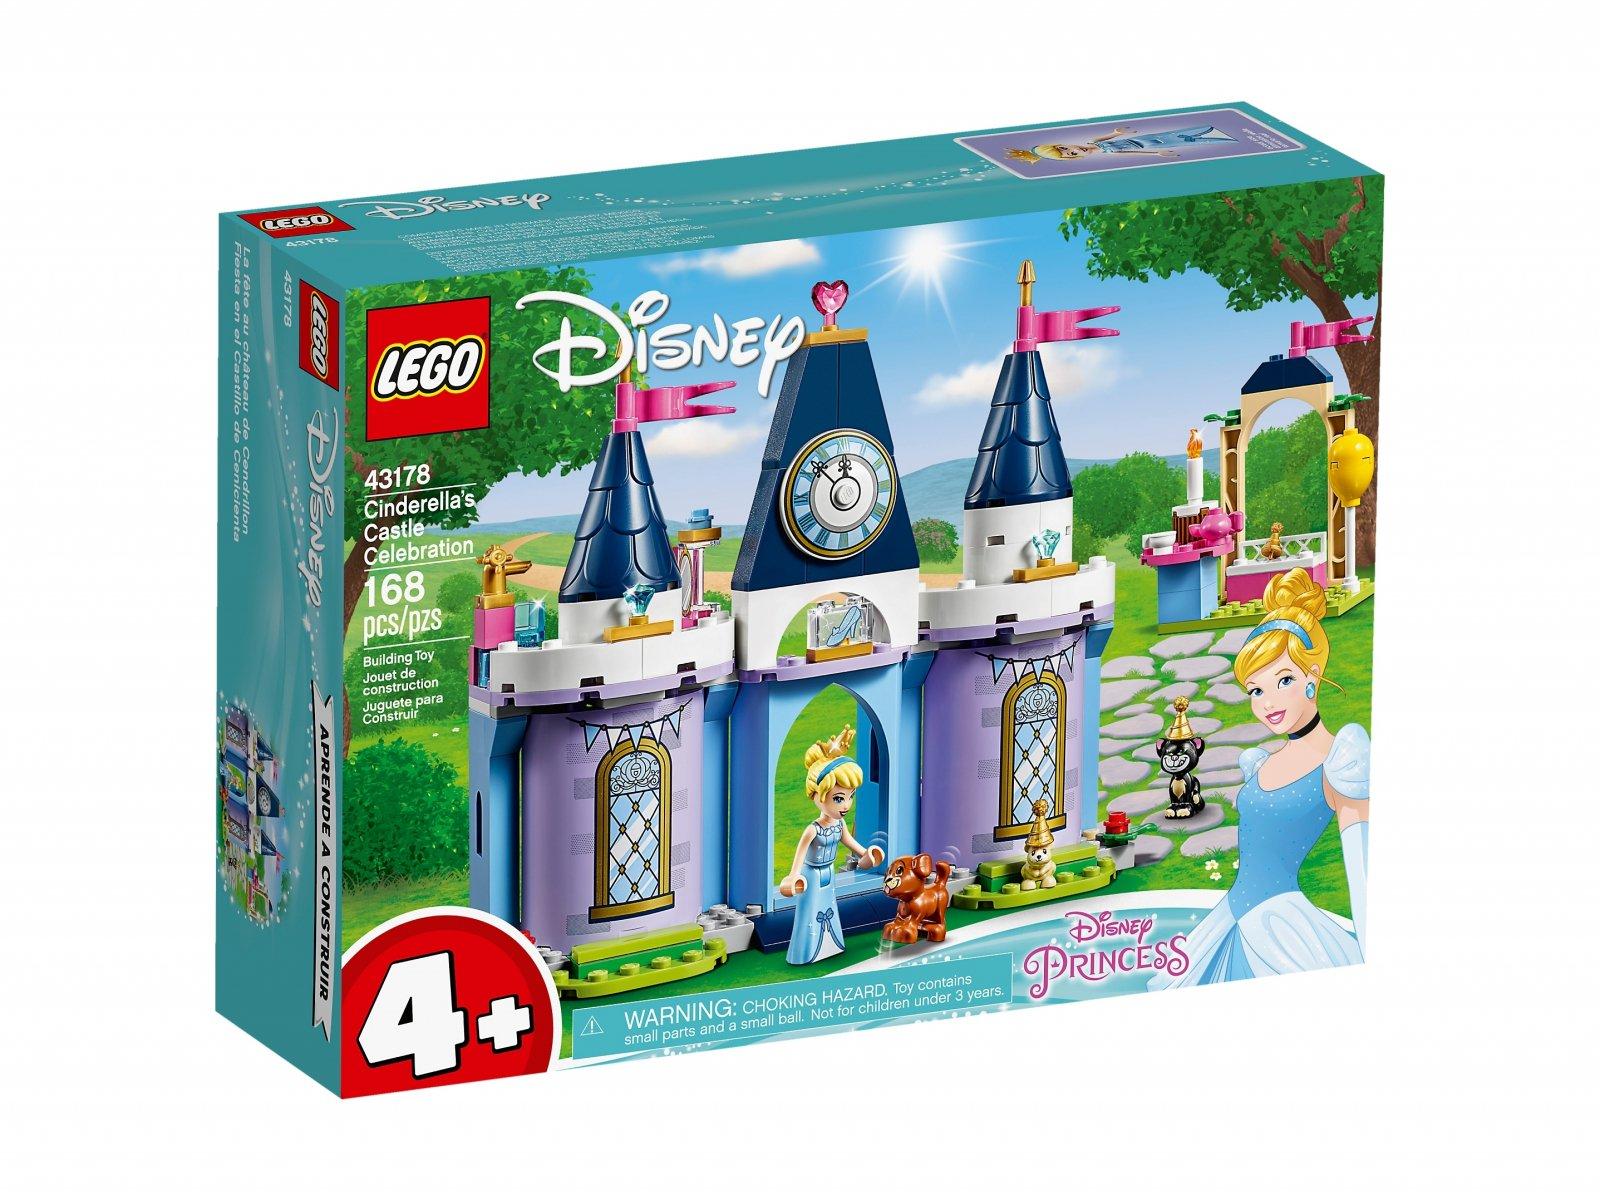 LEGO Disney™ Przyjęcie w zamku Kopciuszka 43178